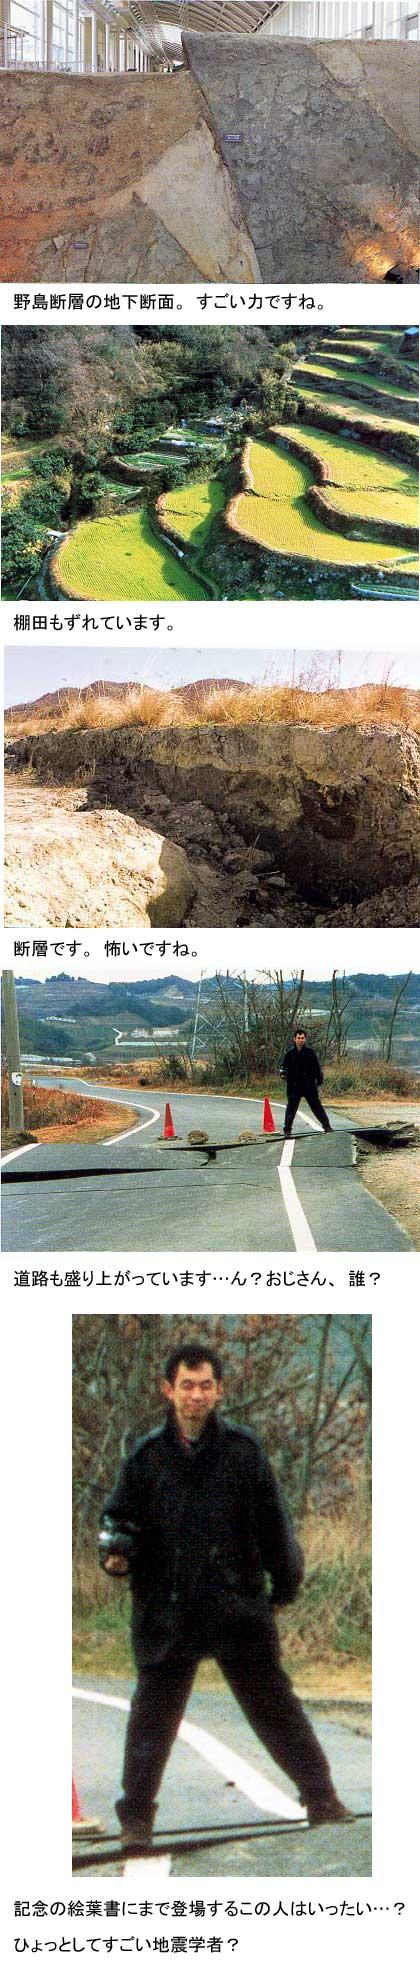 野島断層の絵葉書